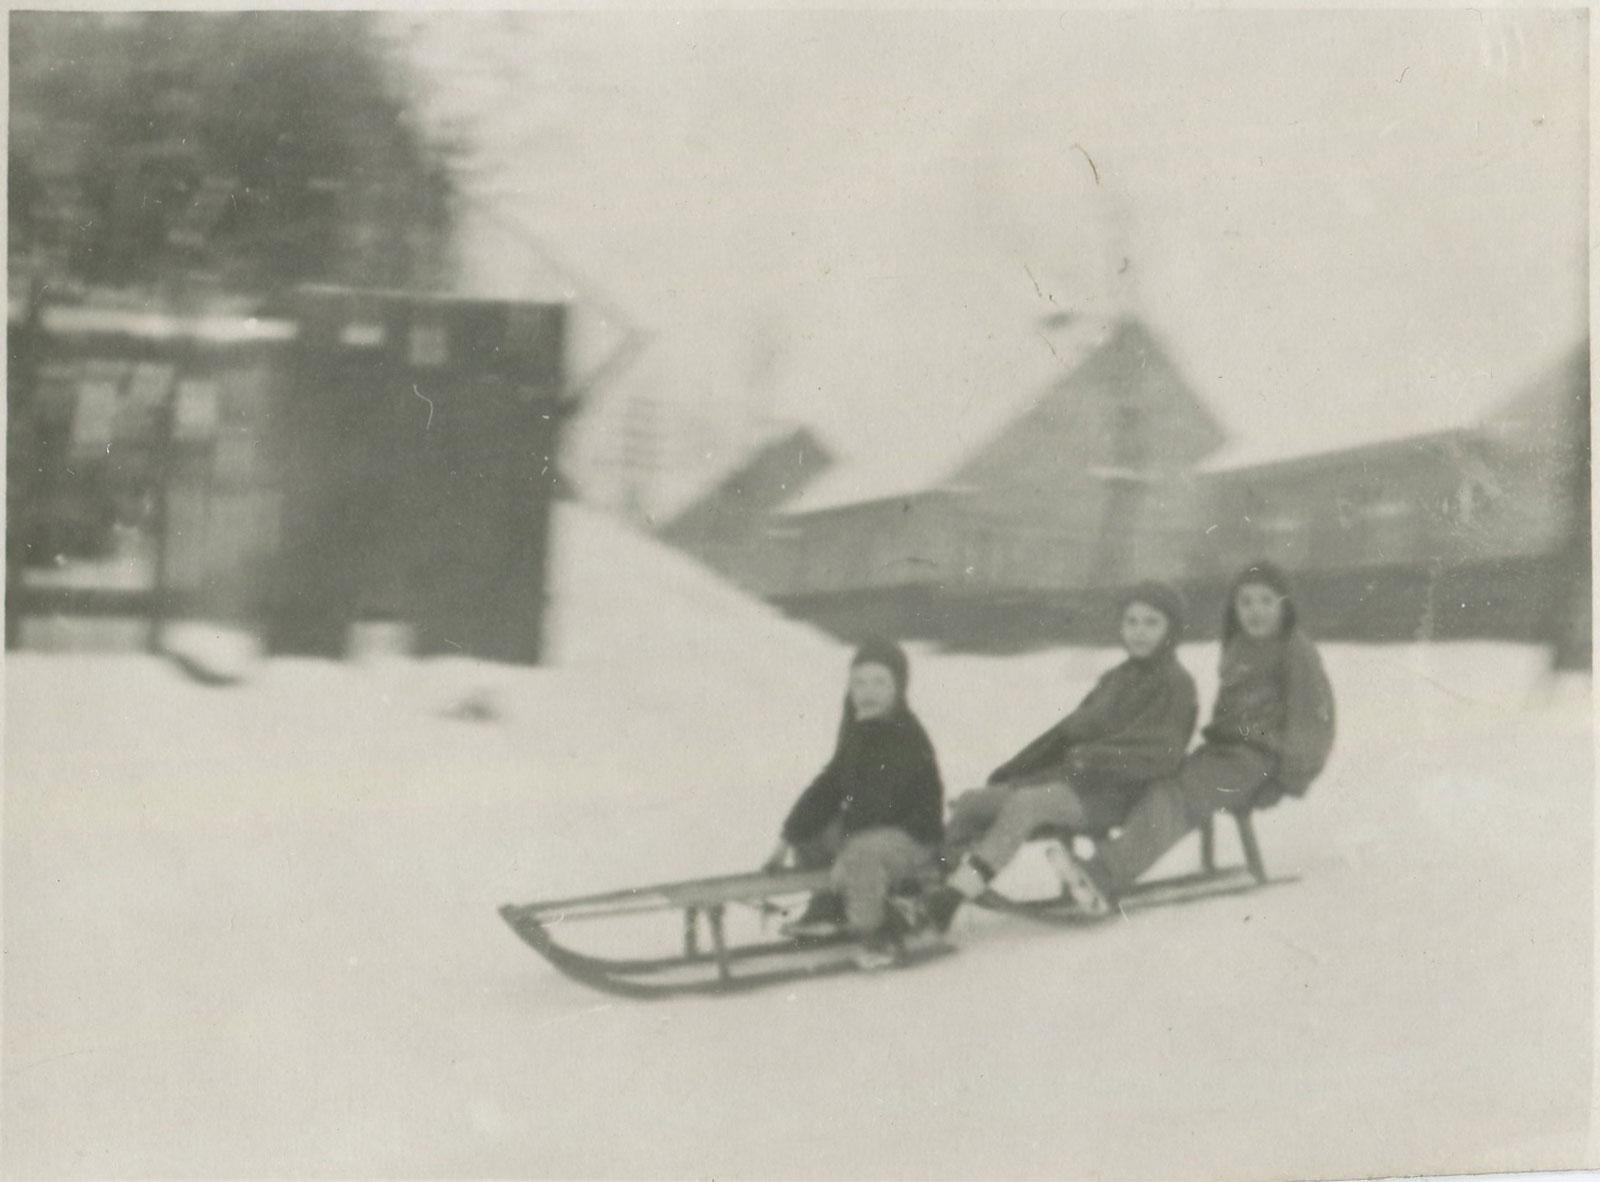 Kórnik, ul. Dworcowa - zima 1955r